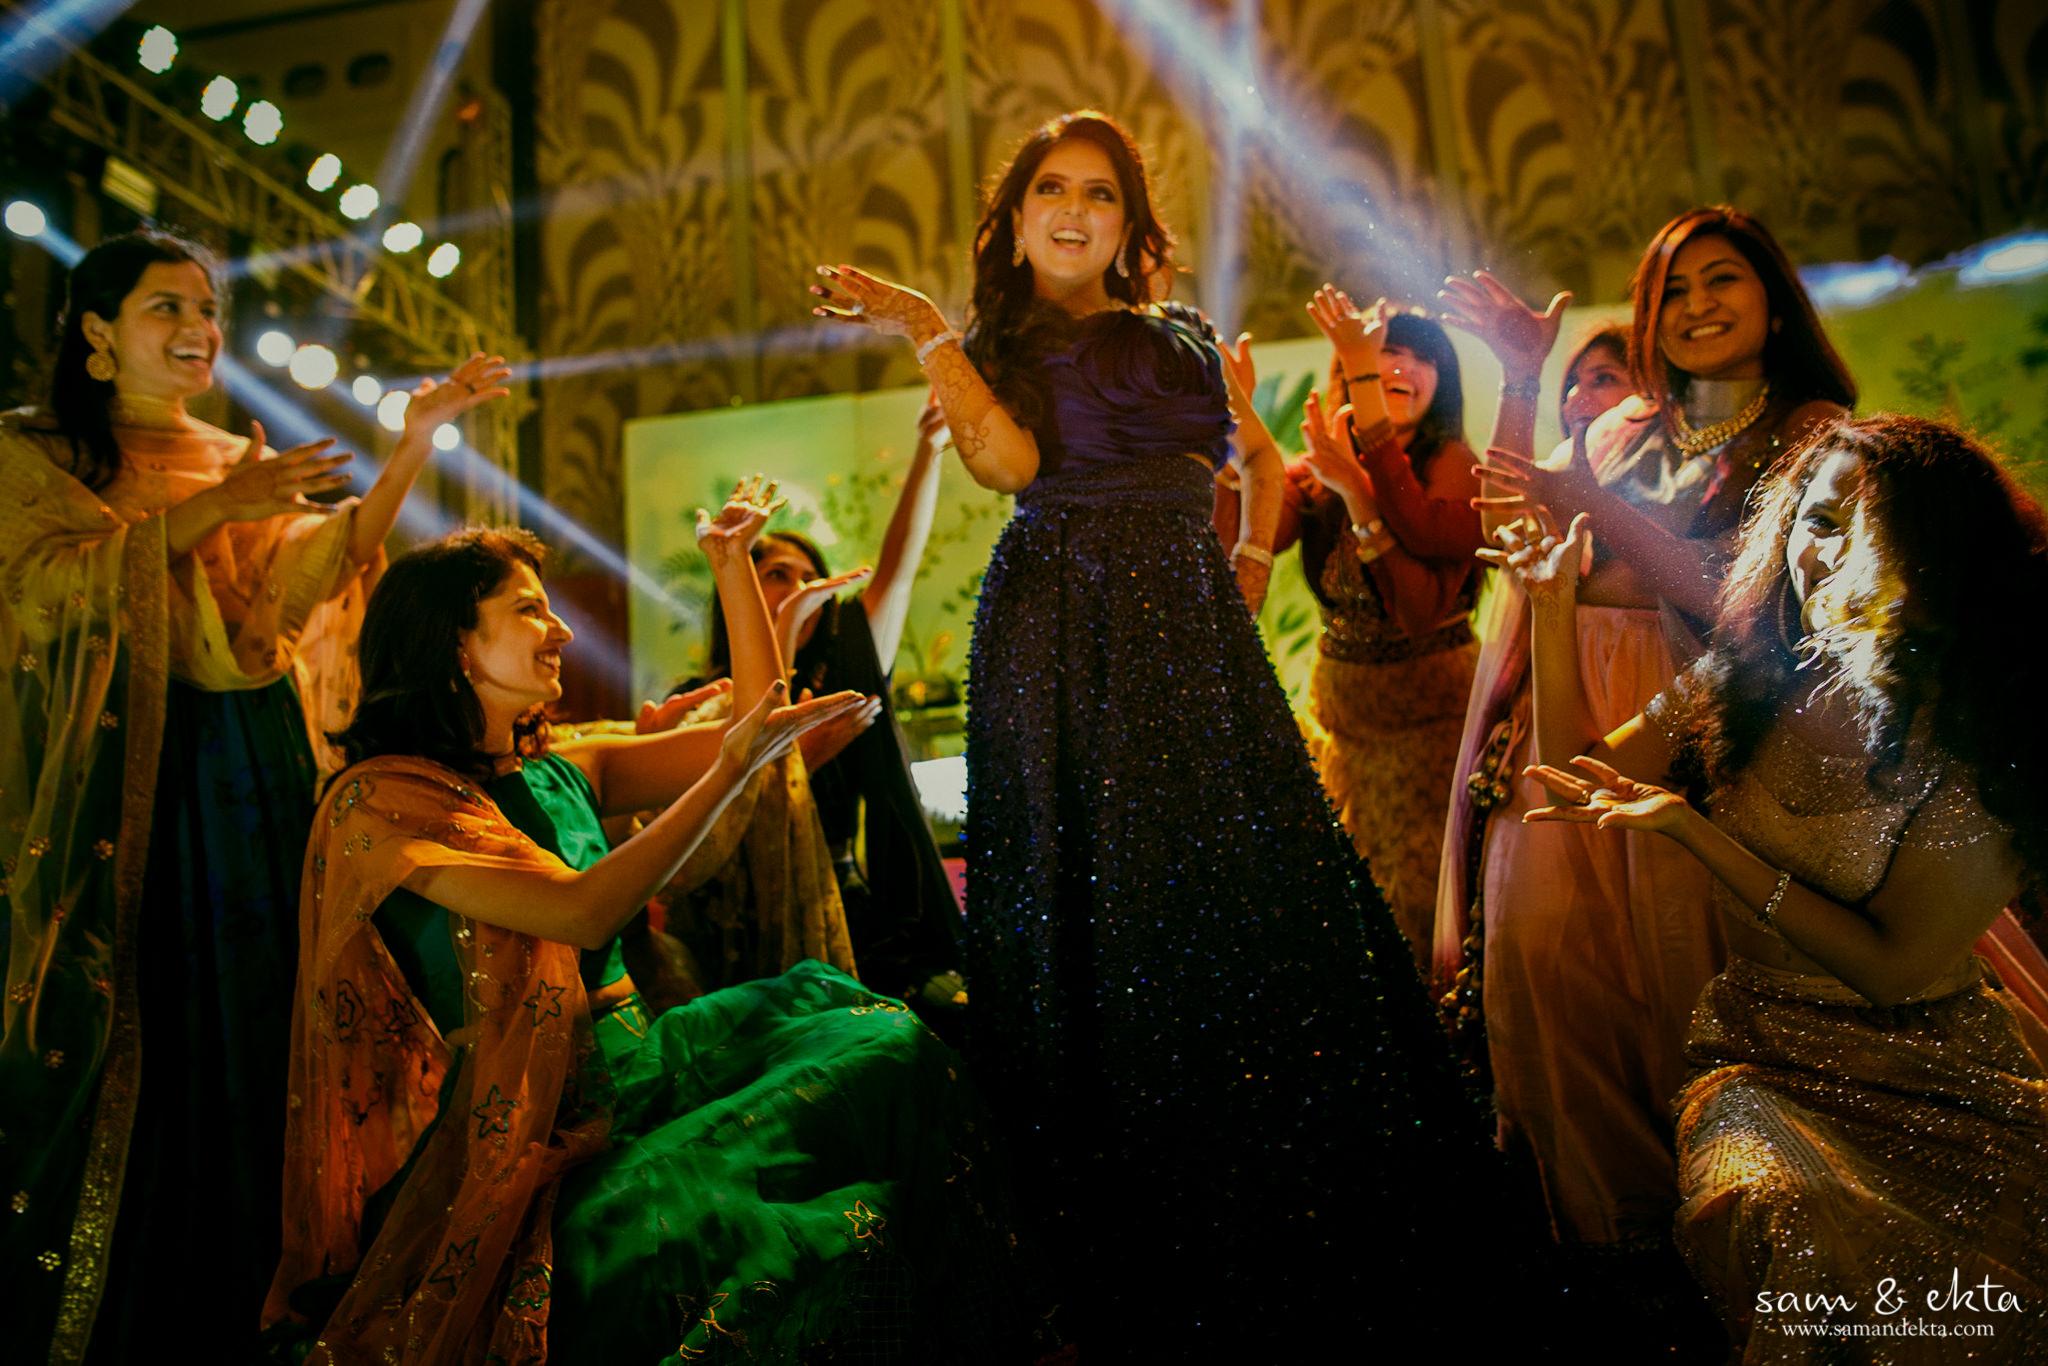 R&R_Marriott Jaipur_www.samandekta.com-28.jpg